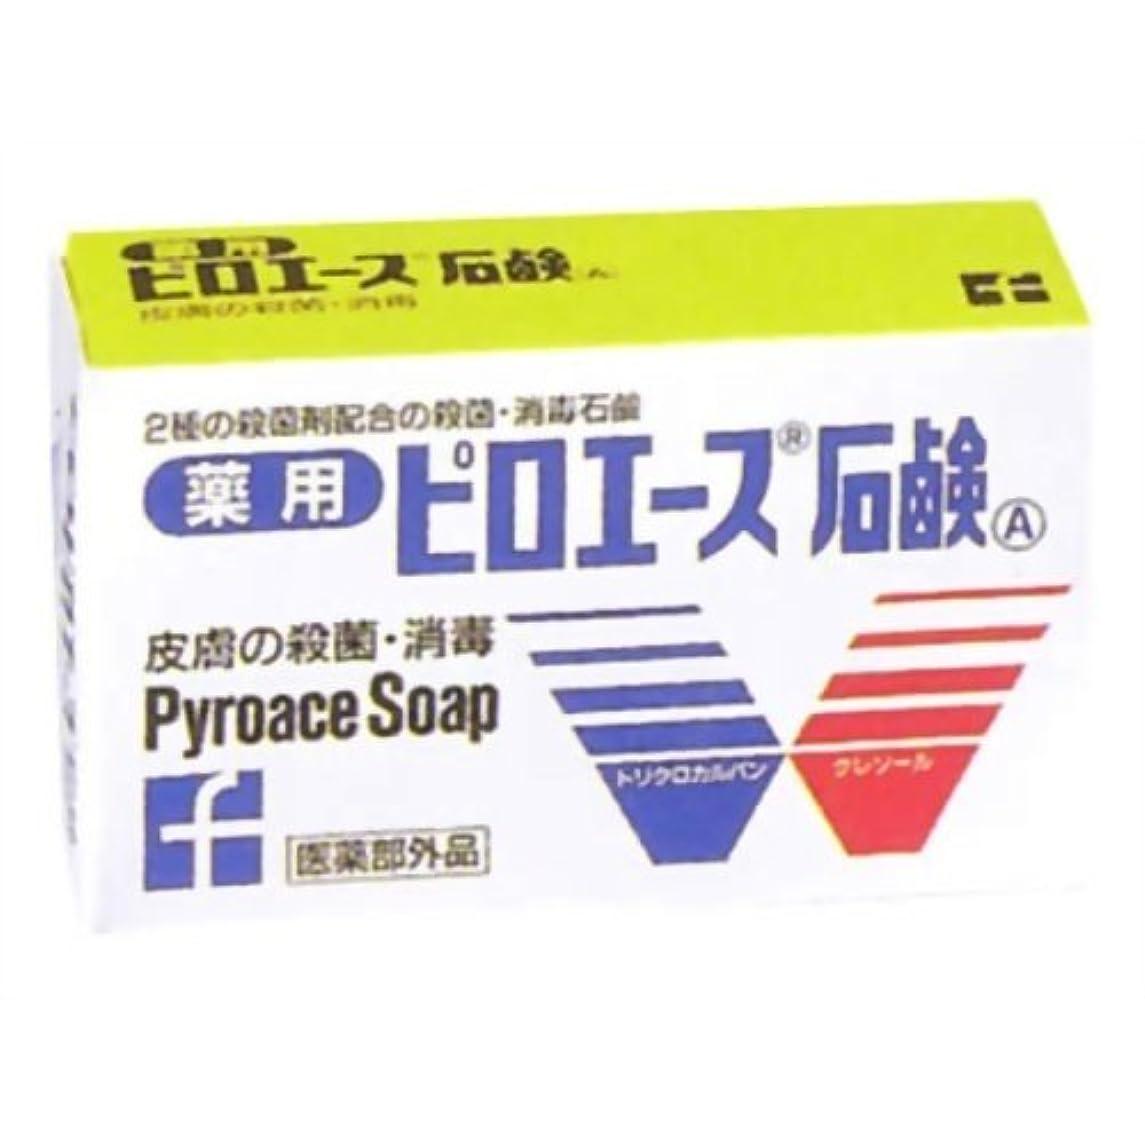 休眠圧縮する感染する【第一三共ヘルスケア】ピロエース石鹸 70g